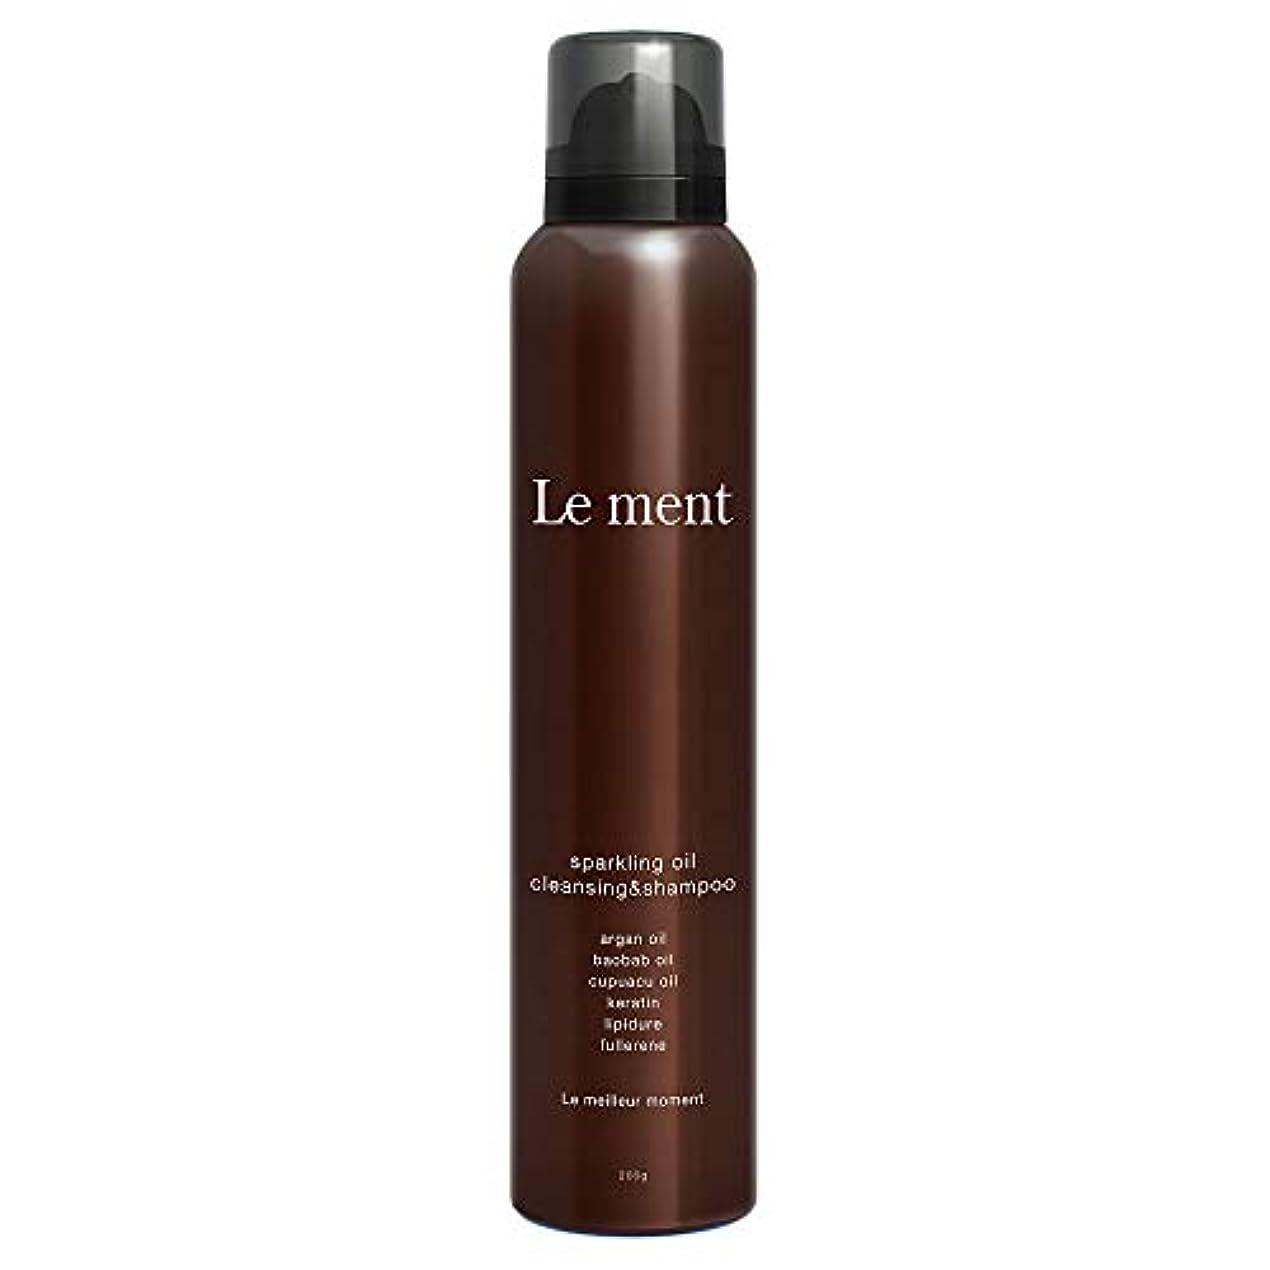 祝福グループナラーバーLe ment -sparkling oil cleansing & shampoo -